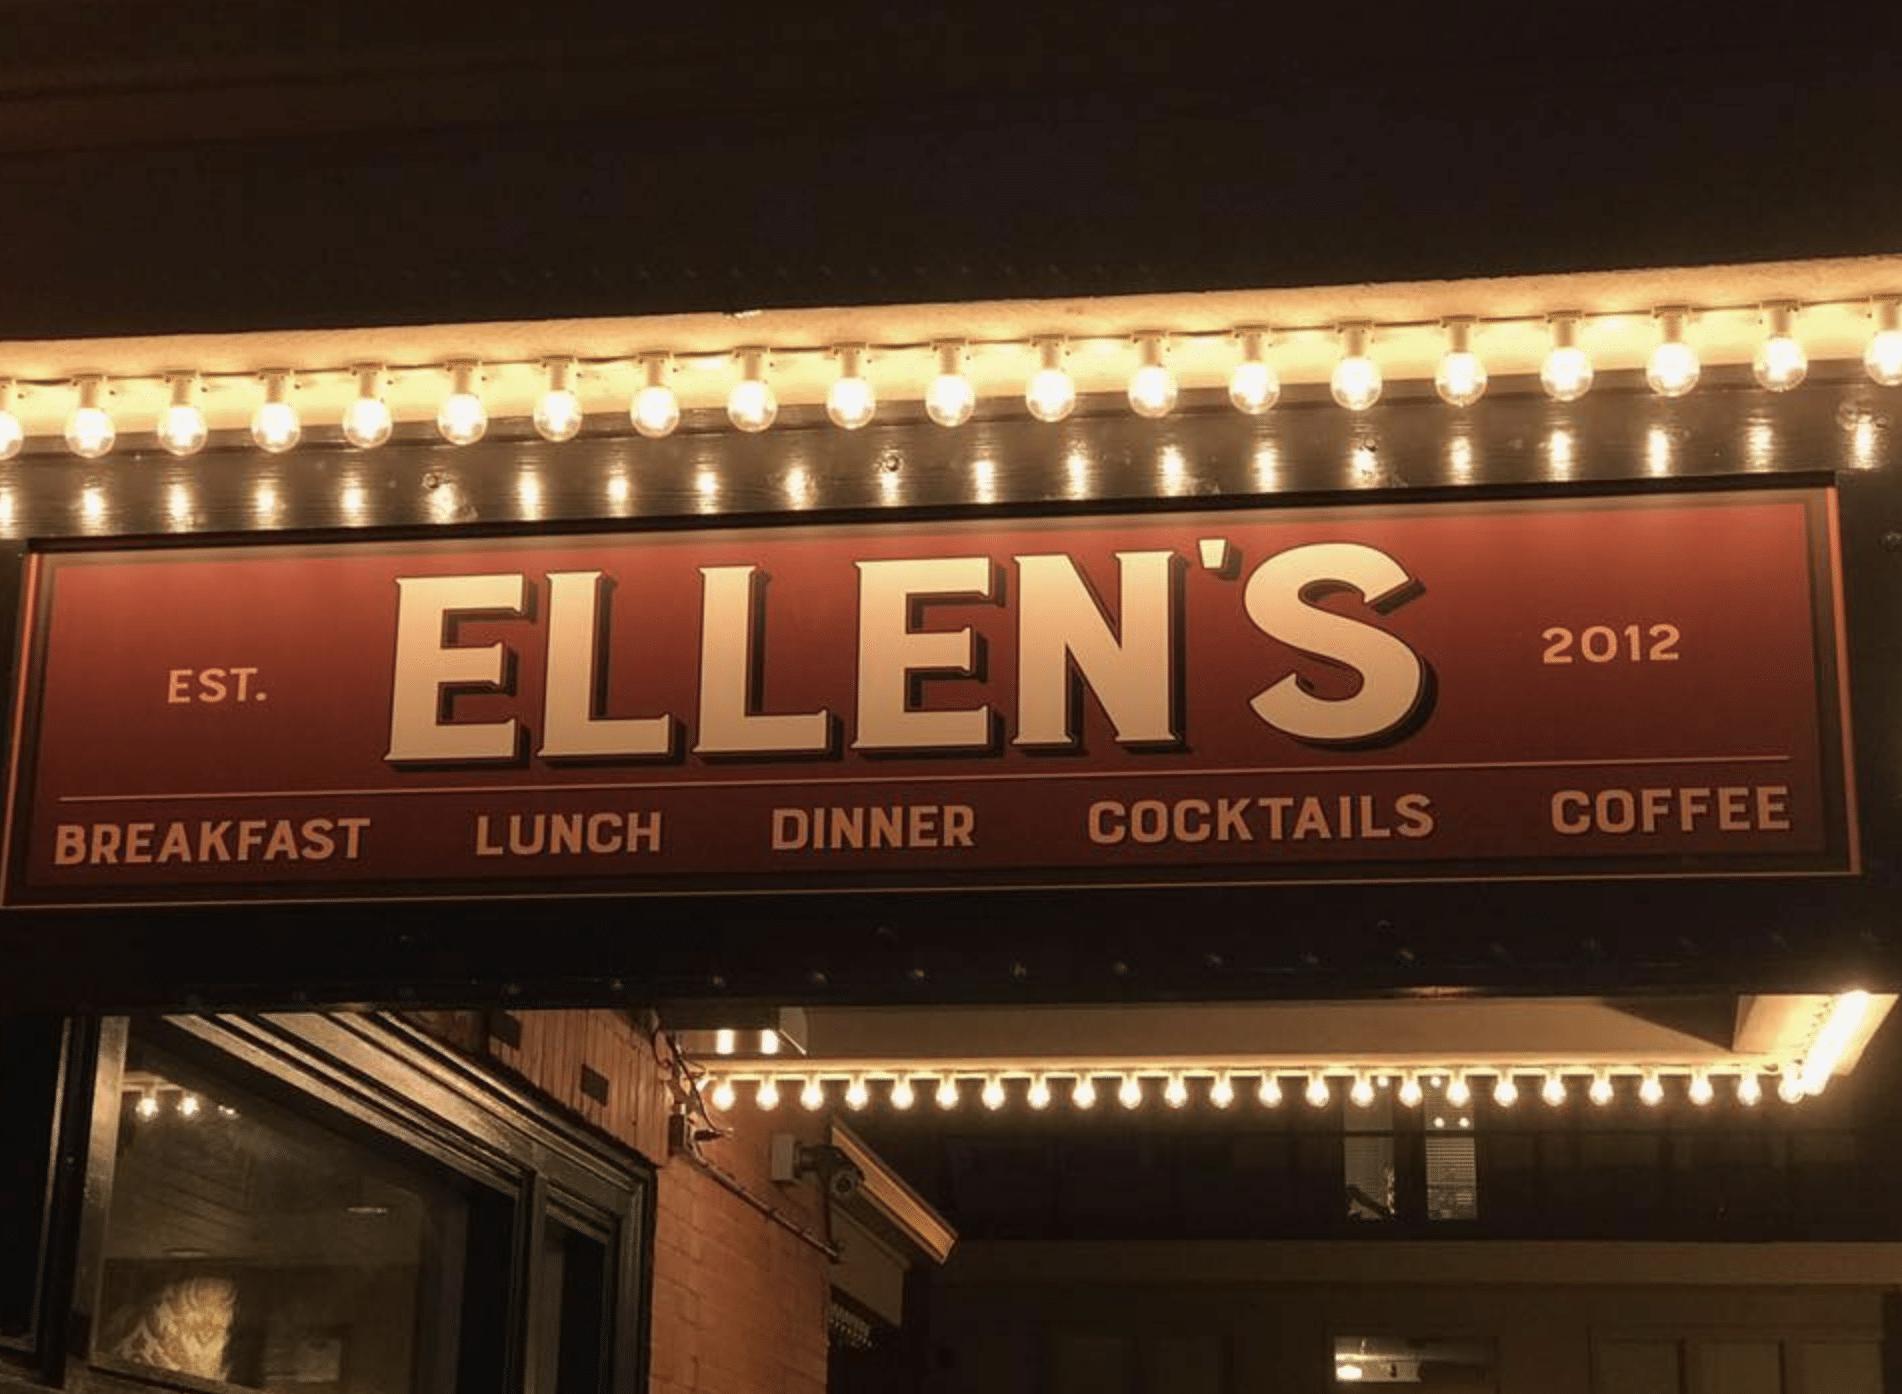 ellen's restaurant